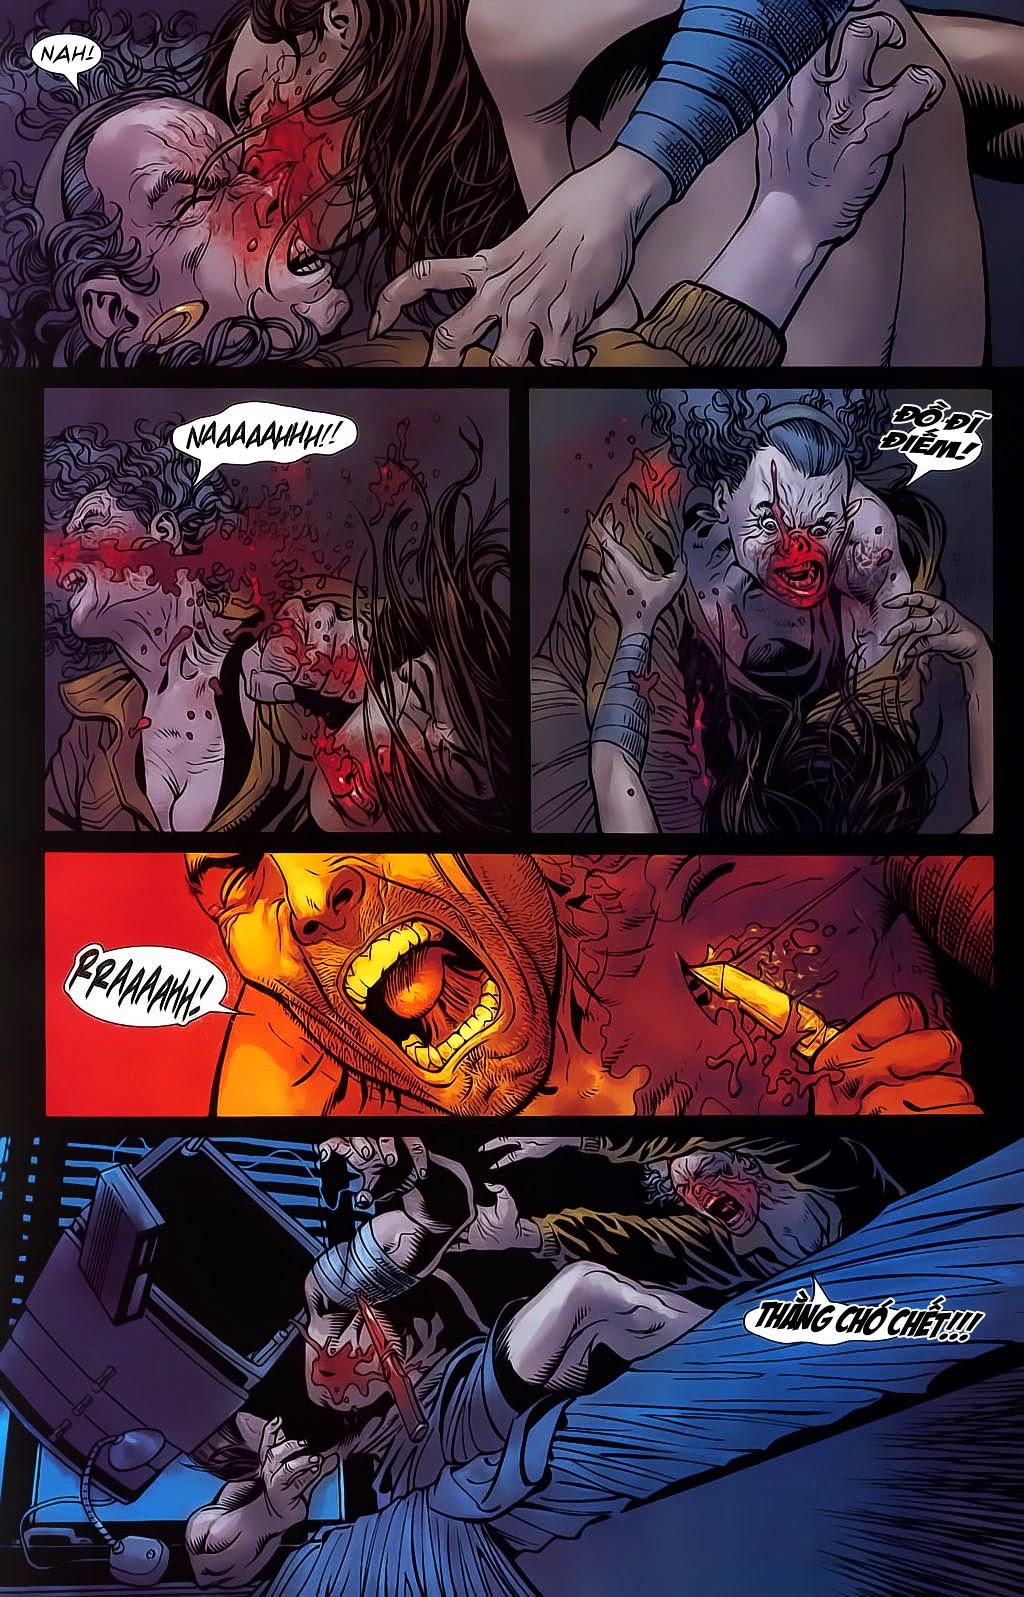 The Punisher: Trên là Dưới & Trắng là Đen chap 6 - Trang 7